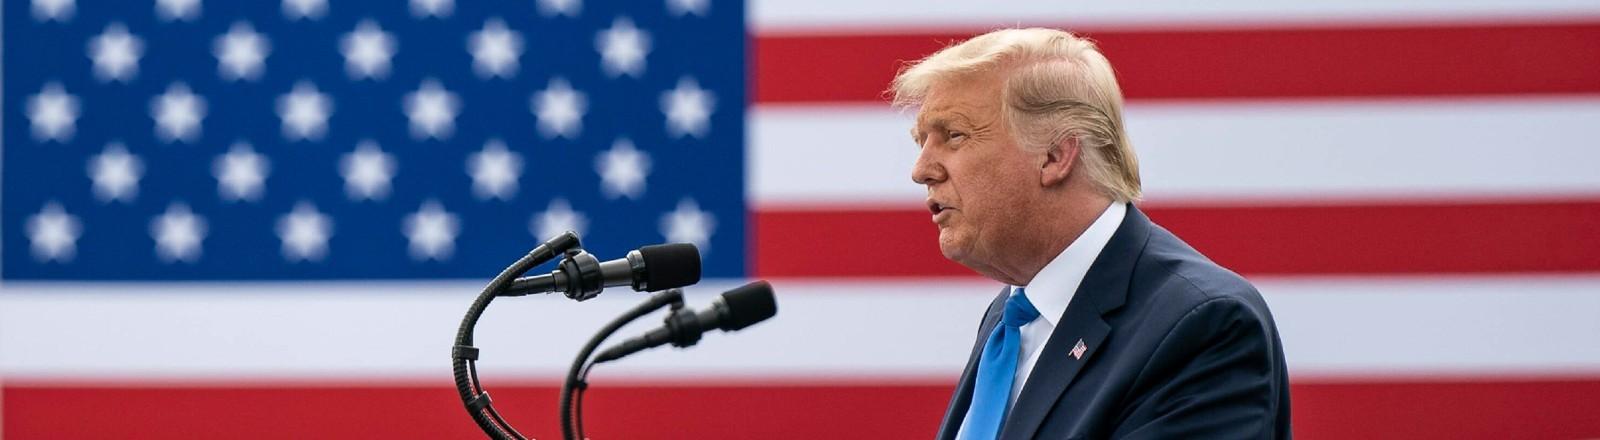 Donald Trump hält eine Rede. Im Hintergrund ist die US-Flagge zu sehen.